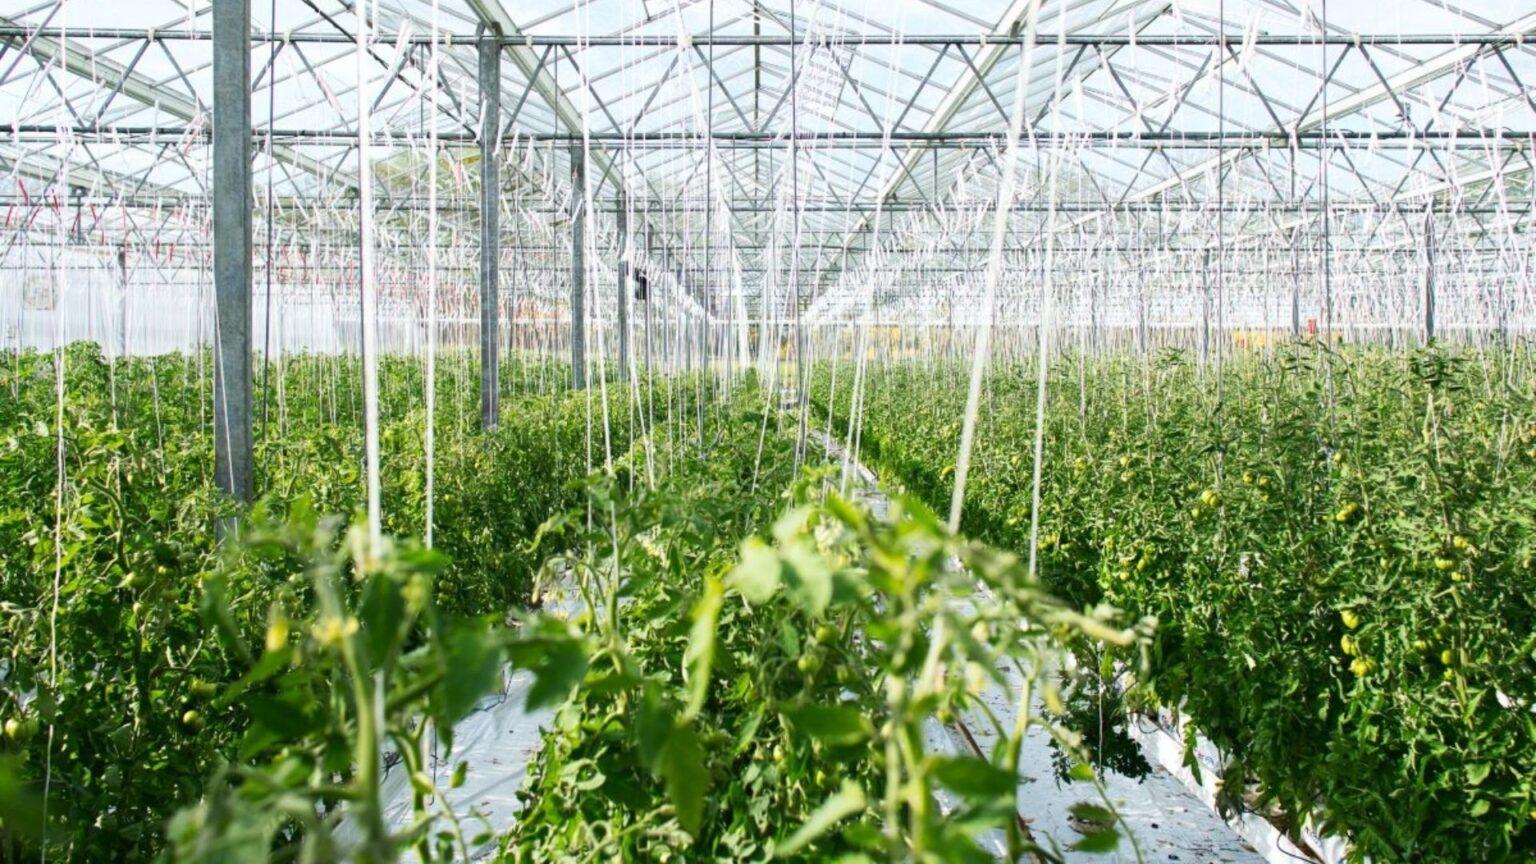 Cómo monitorear invernaderos agrícolas en tiempo real